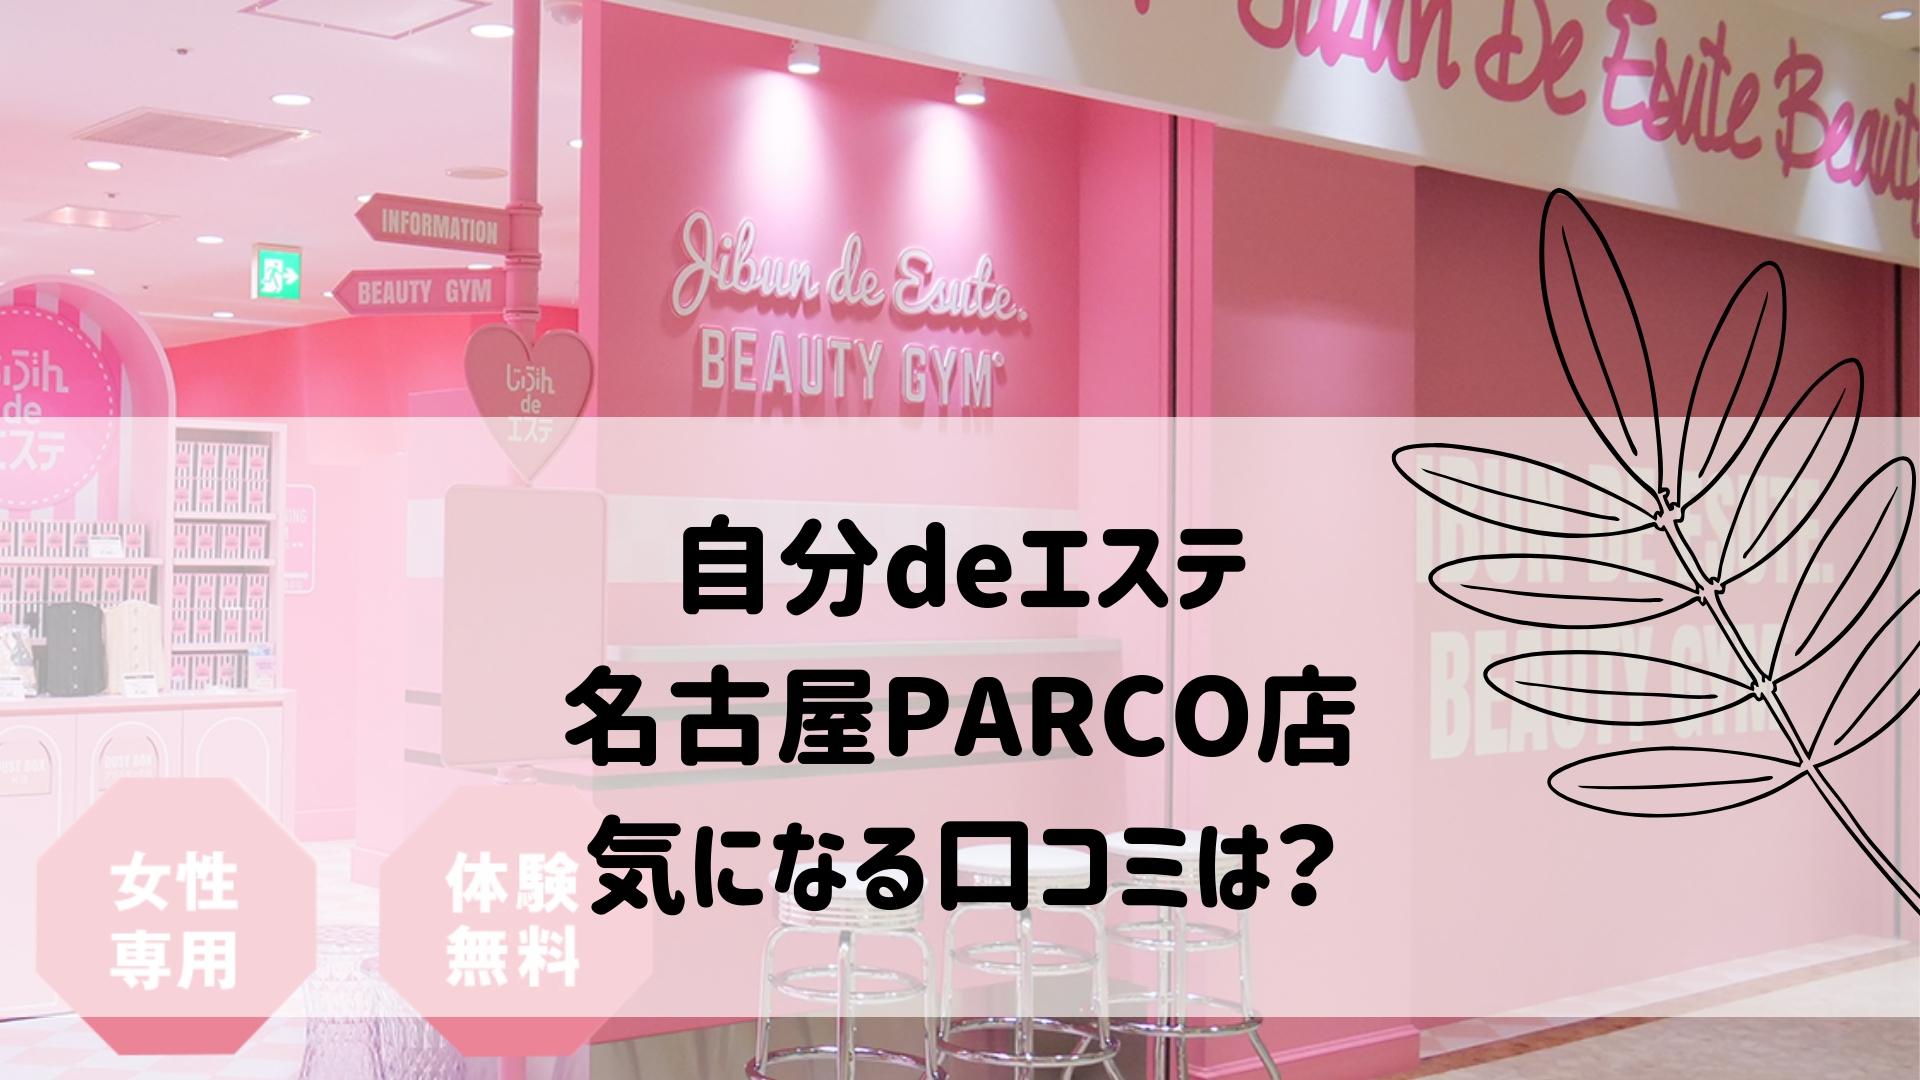 自分deエステ 名古屋PARCO店 気になる口コミは?